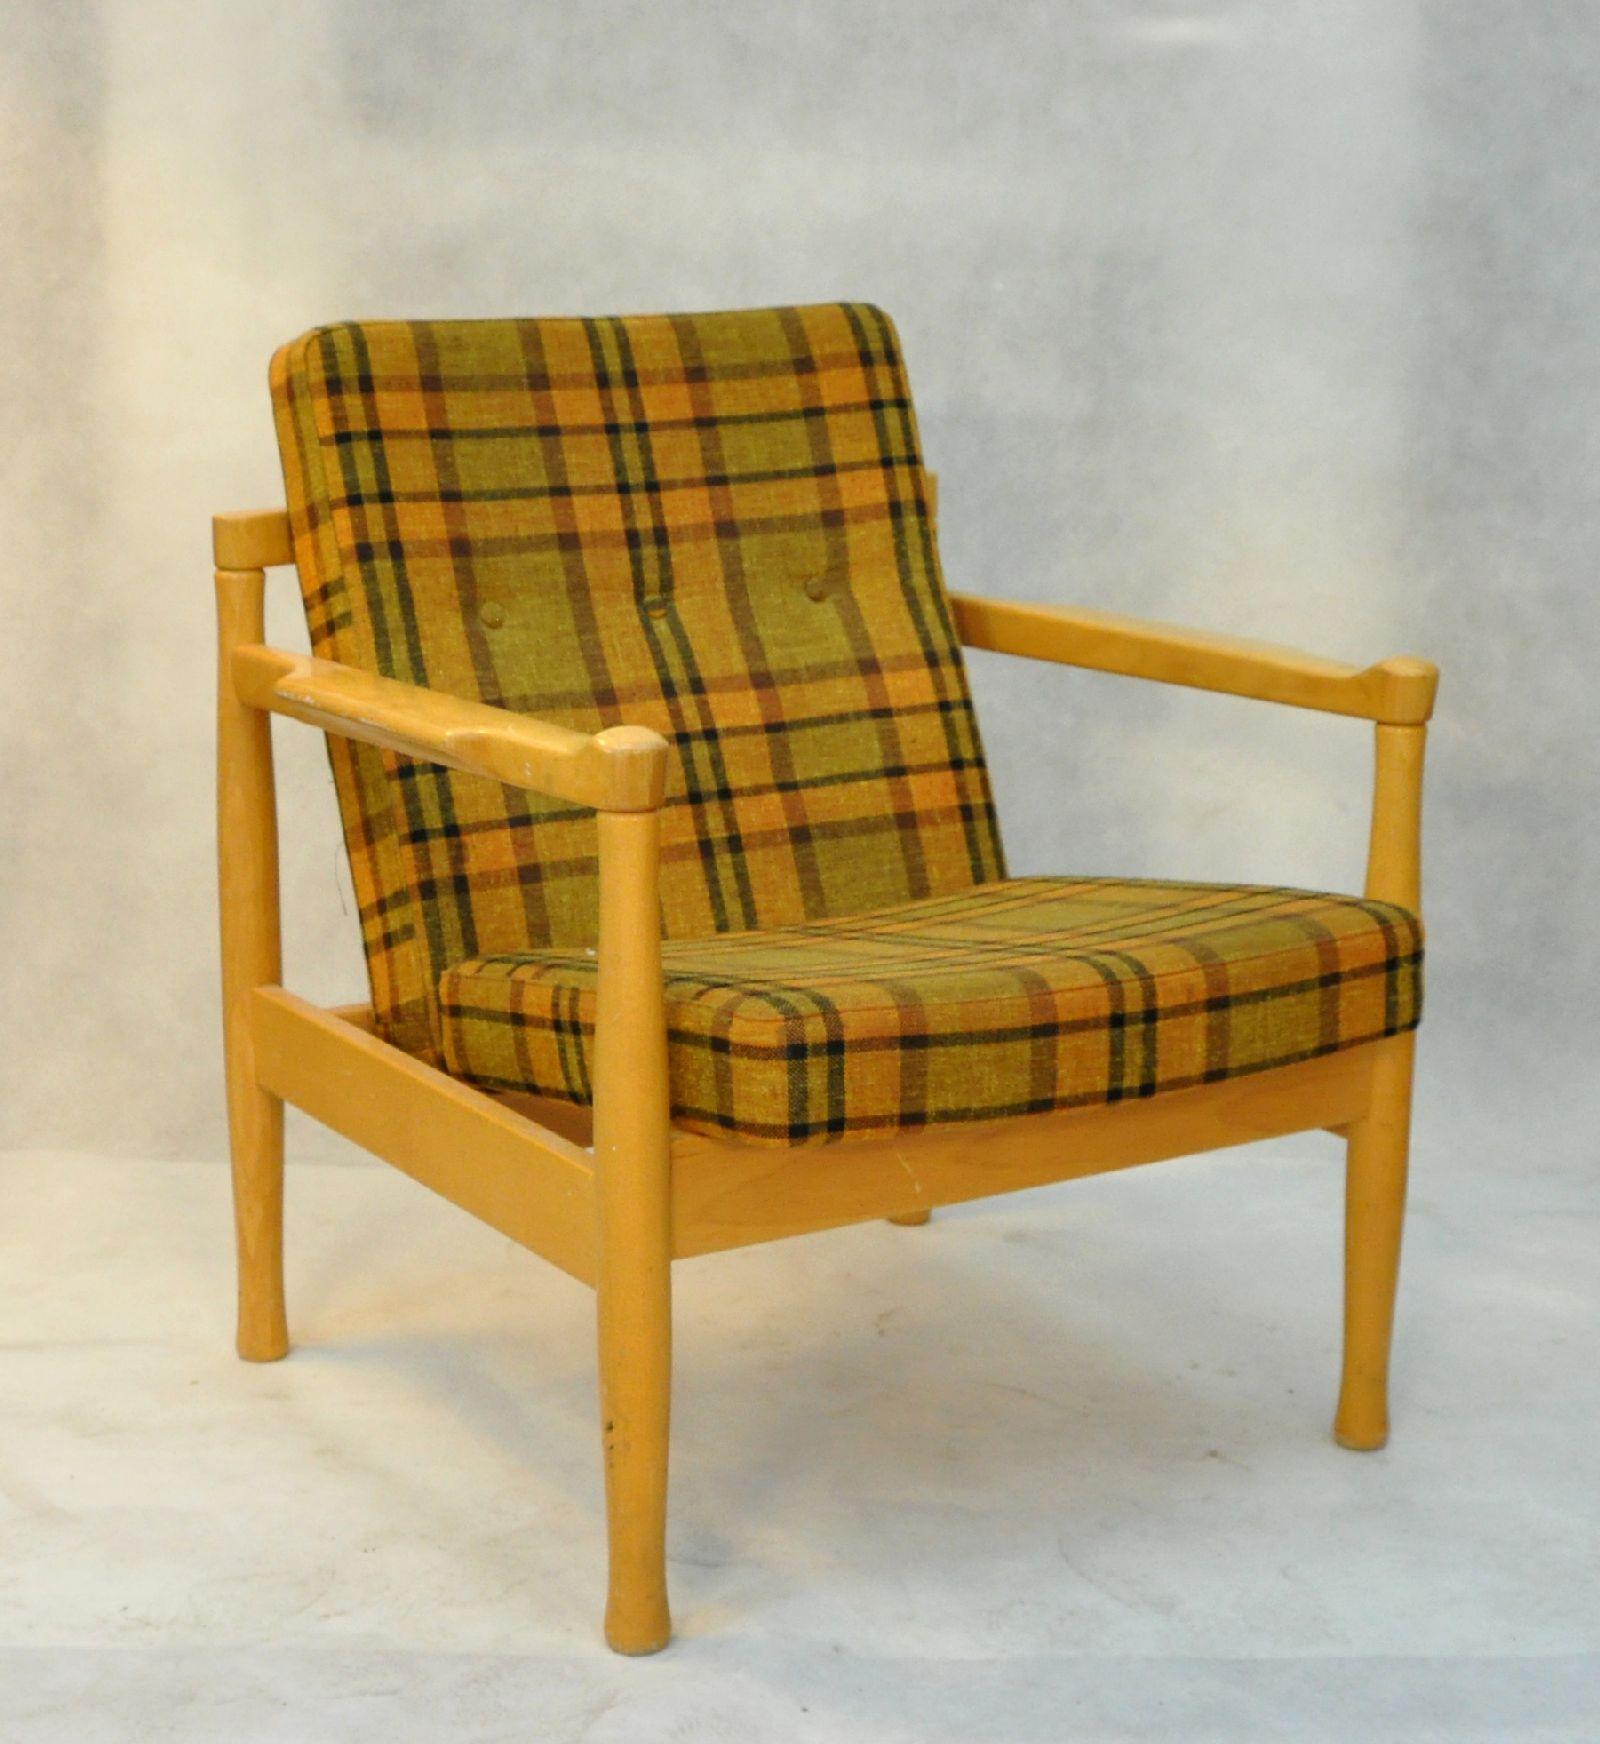 Fotel Brzozowy Z Lat 70 Tych